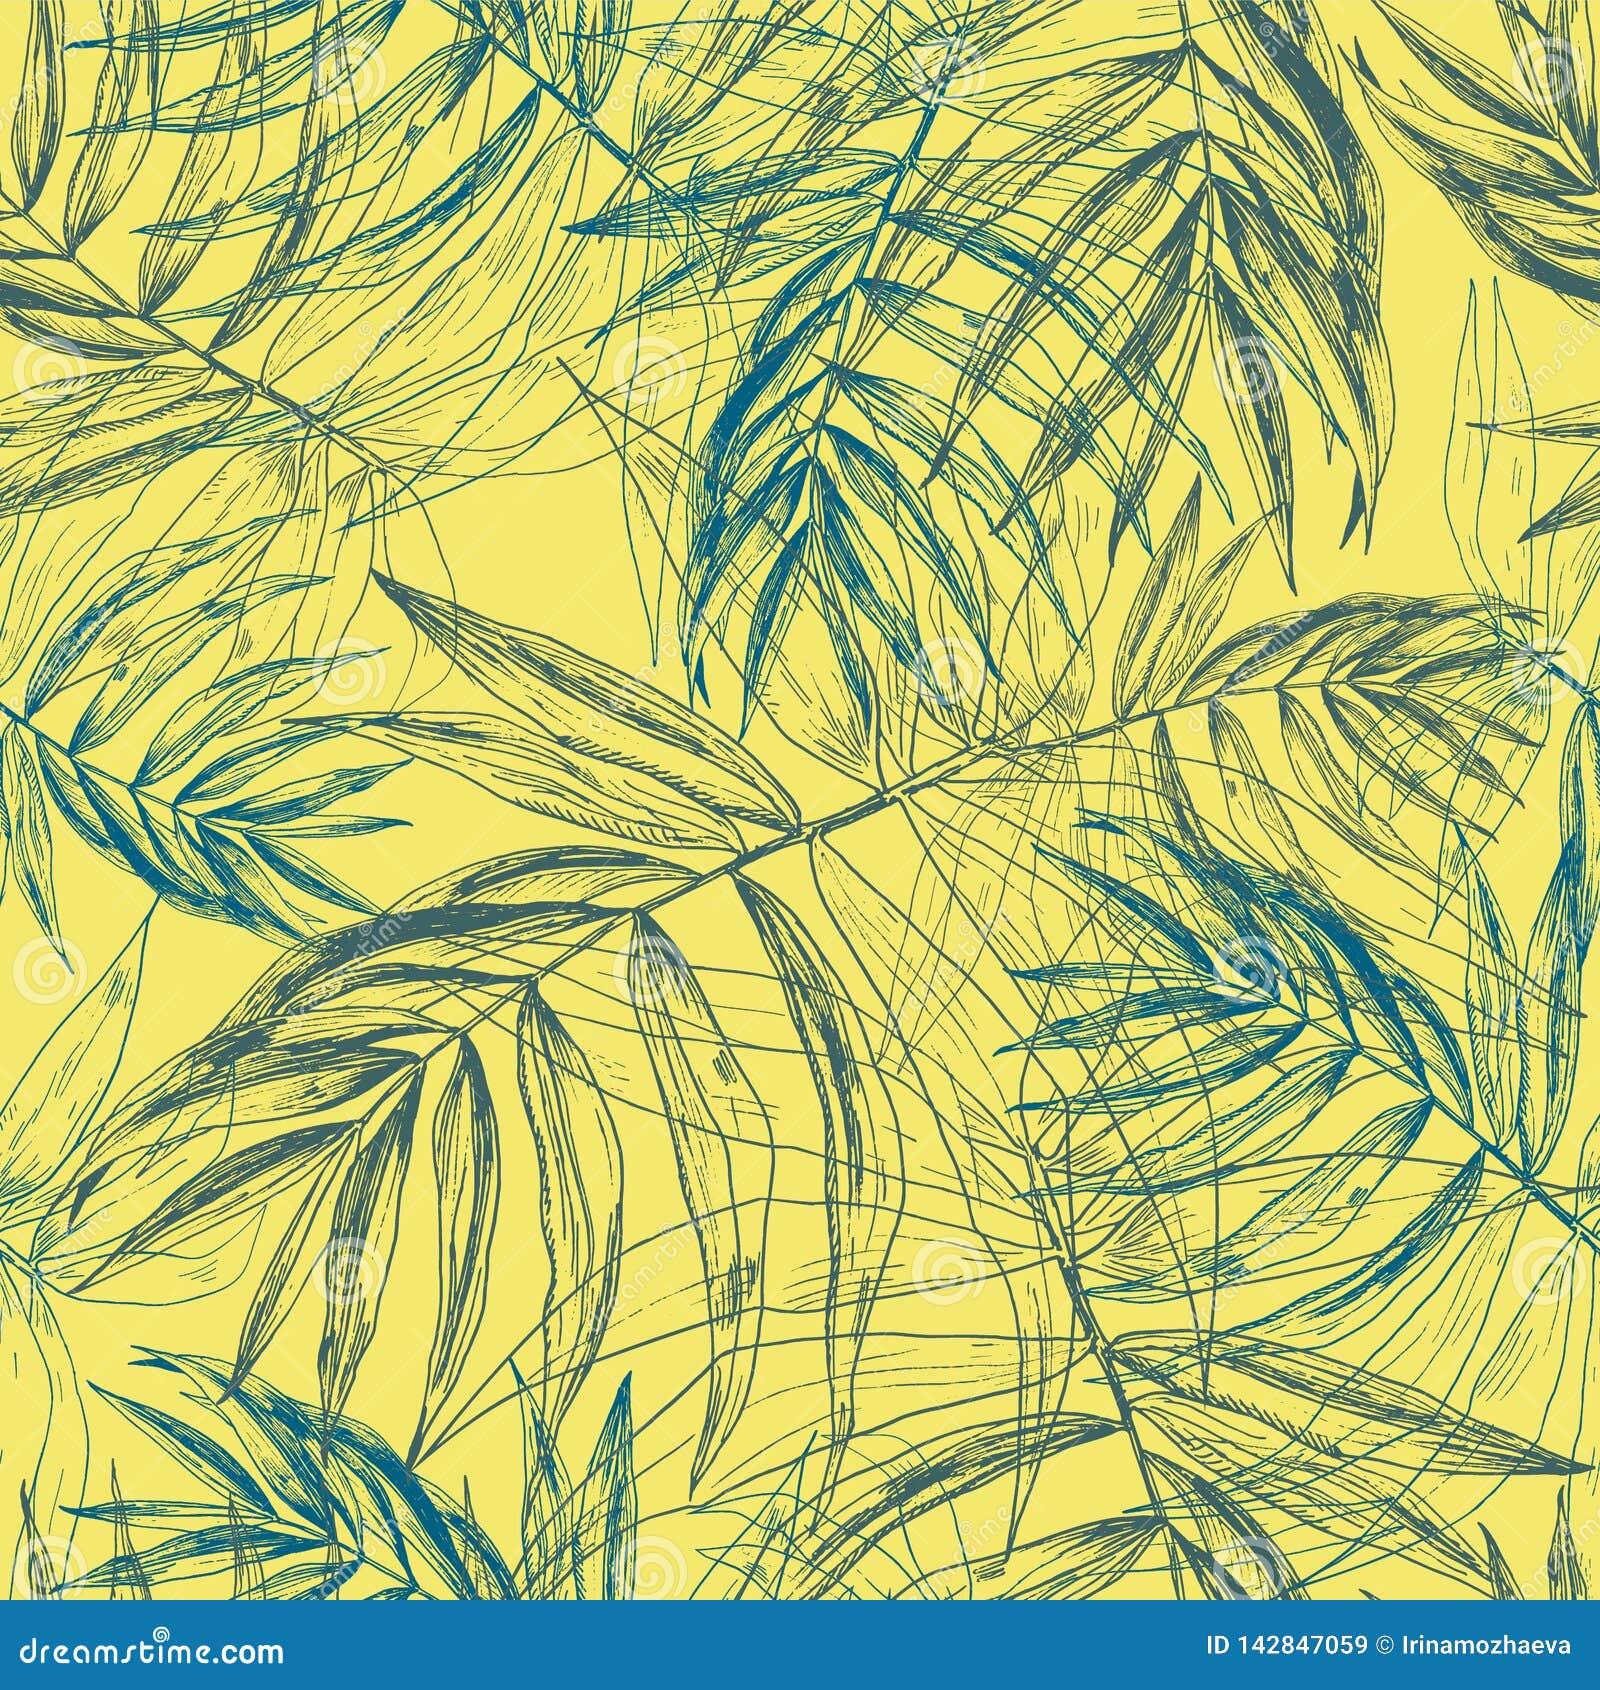 Πράσινα μπλε τροπικά φύλλα φοινικών, άνευ ραφής floral σχέδιο φύλλων ζουγκλών στο ηλιόλουστο κίτρινο υπόβαθρο